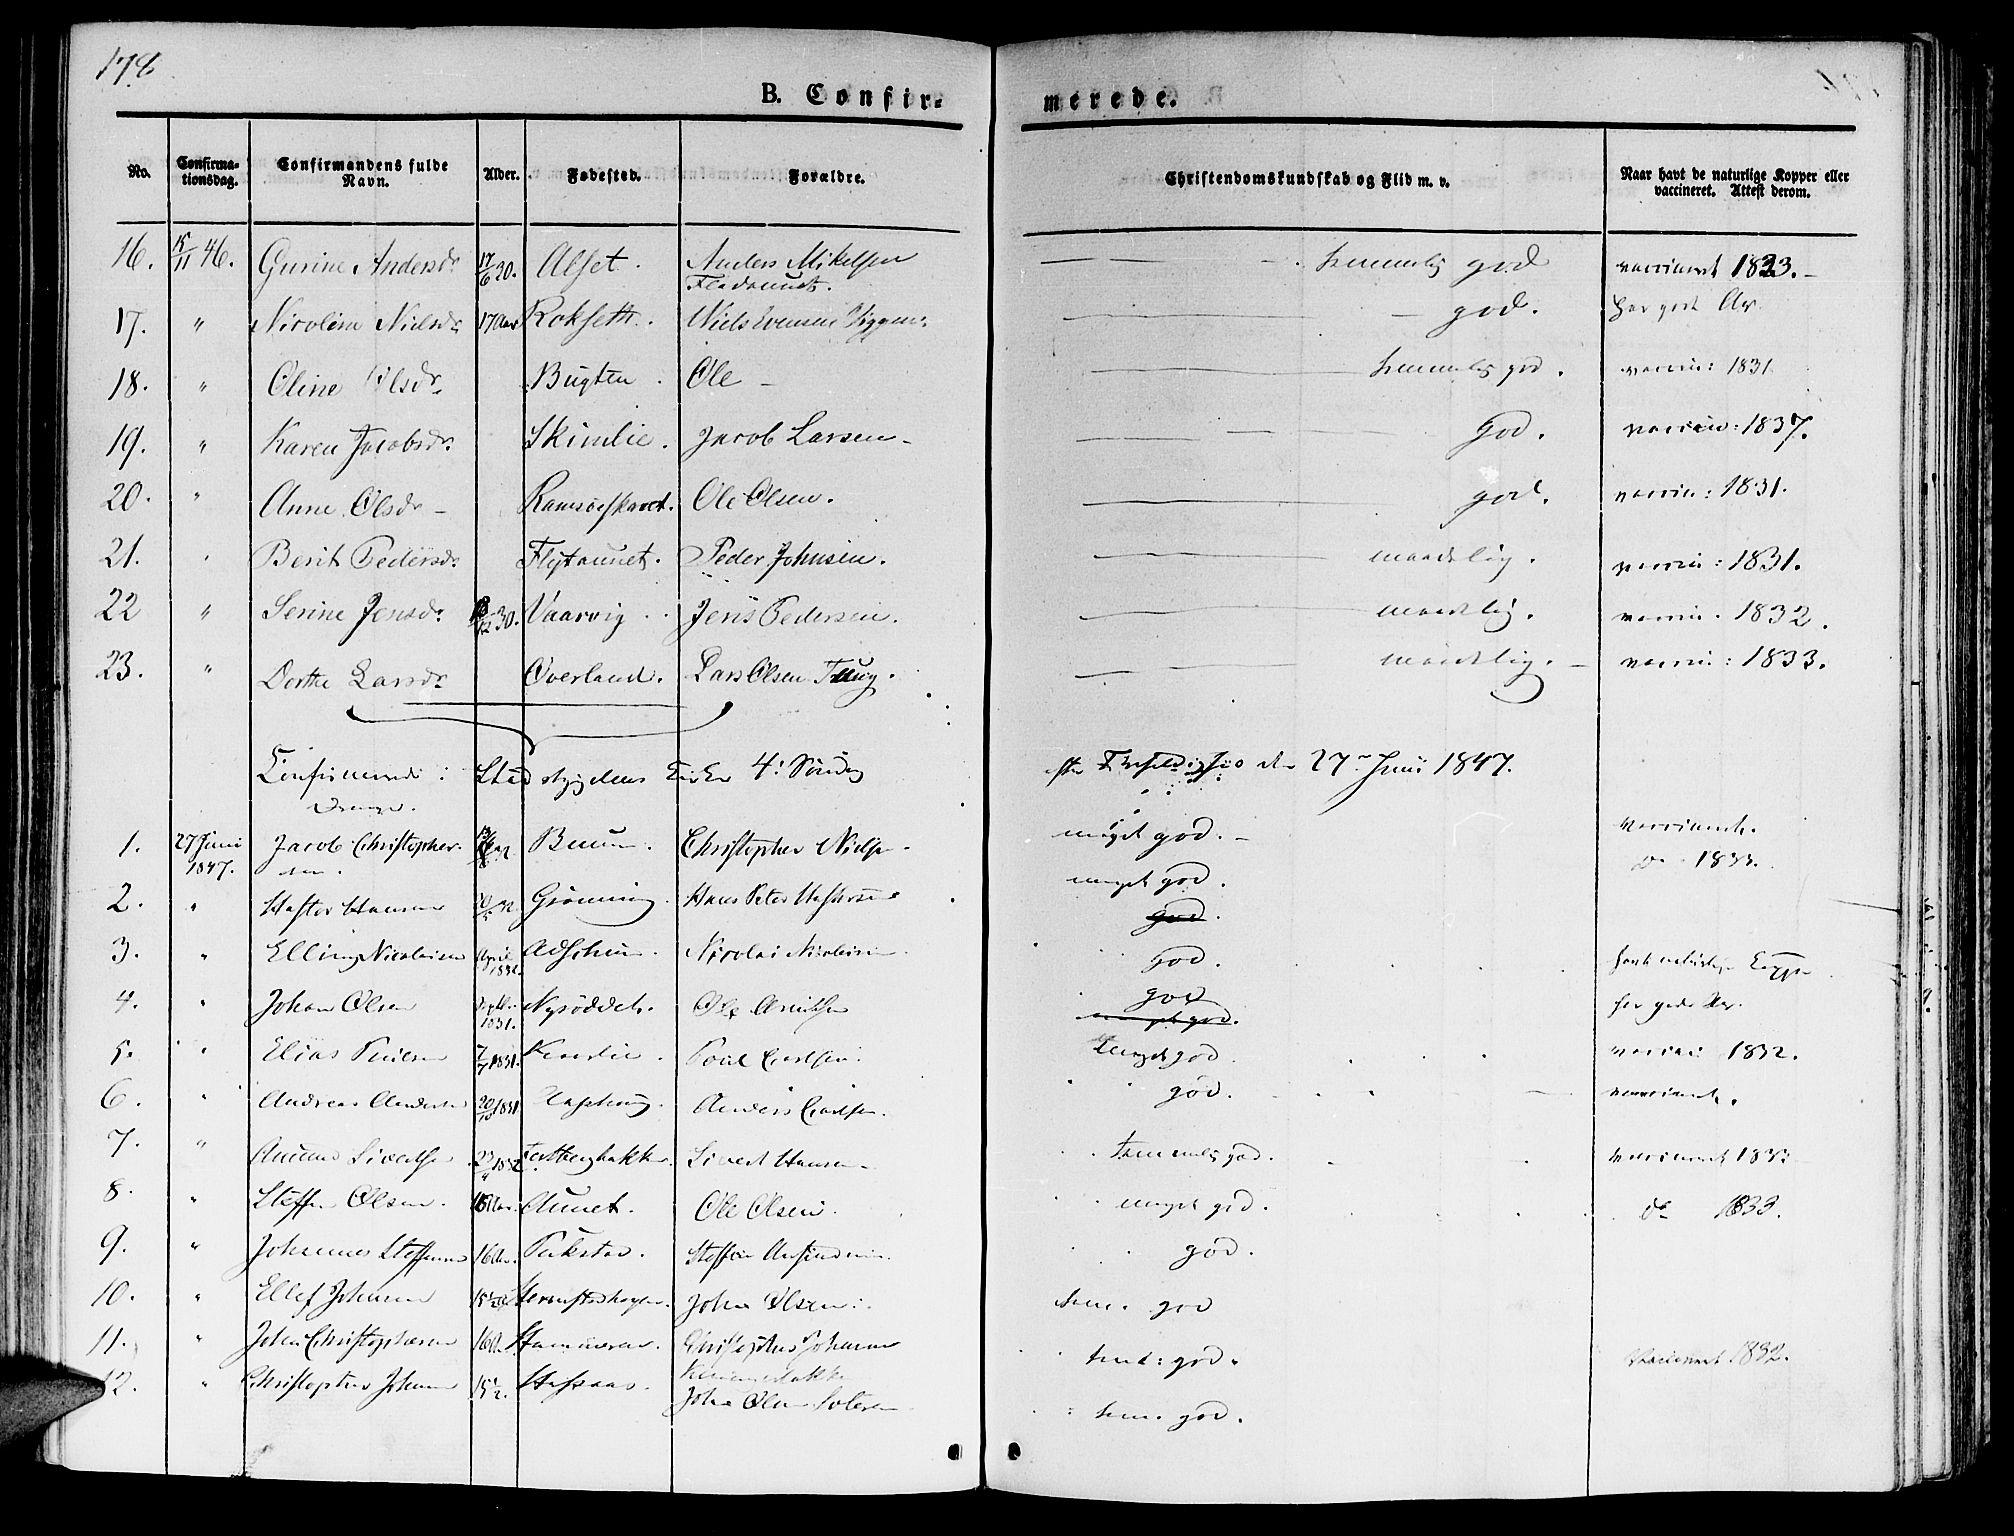 SAT, Ministerialprotokoller, klokkerbøker og fødselsregistre - Sør-Trøndelag, 646/L0610: Ministerialbok nr. 646A08, 1837-1847, s. 178